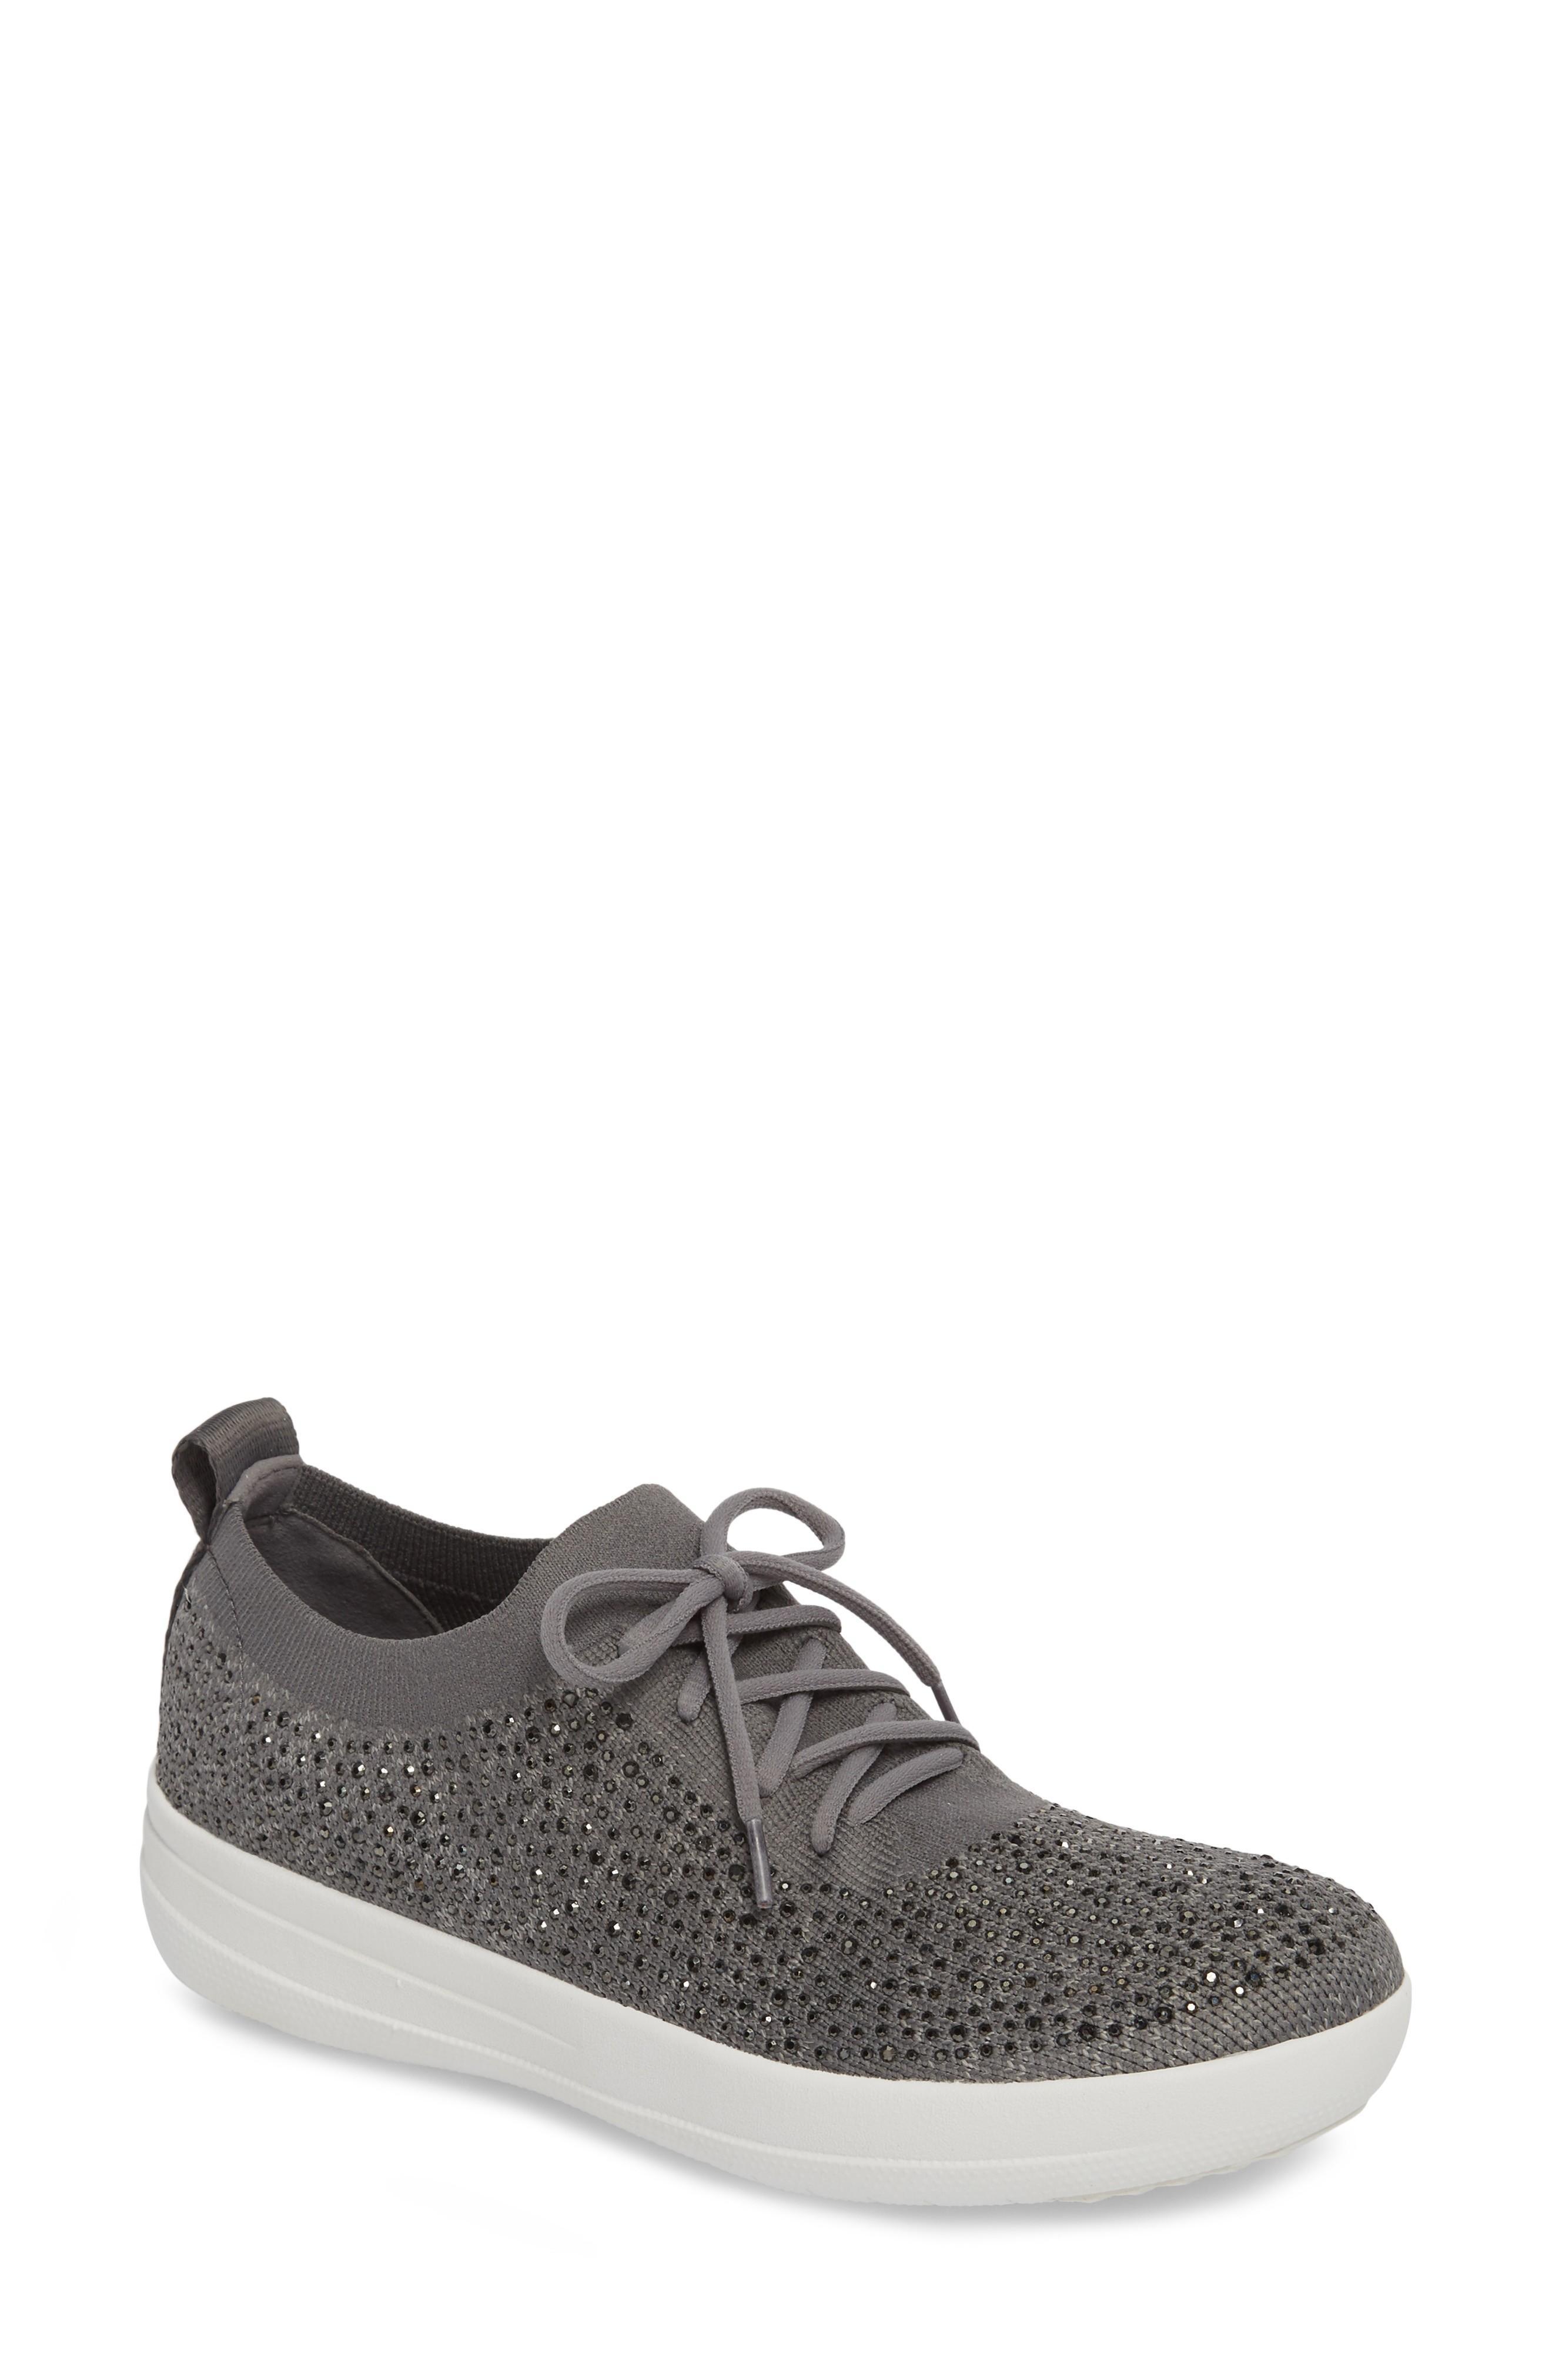 b681c90bb90e Fitflop Uberknit(Tm) F-Sporty Sneaker In Charcoal  Dusty Grey